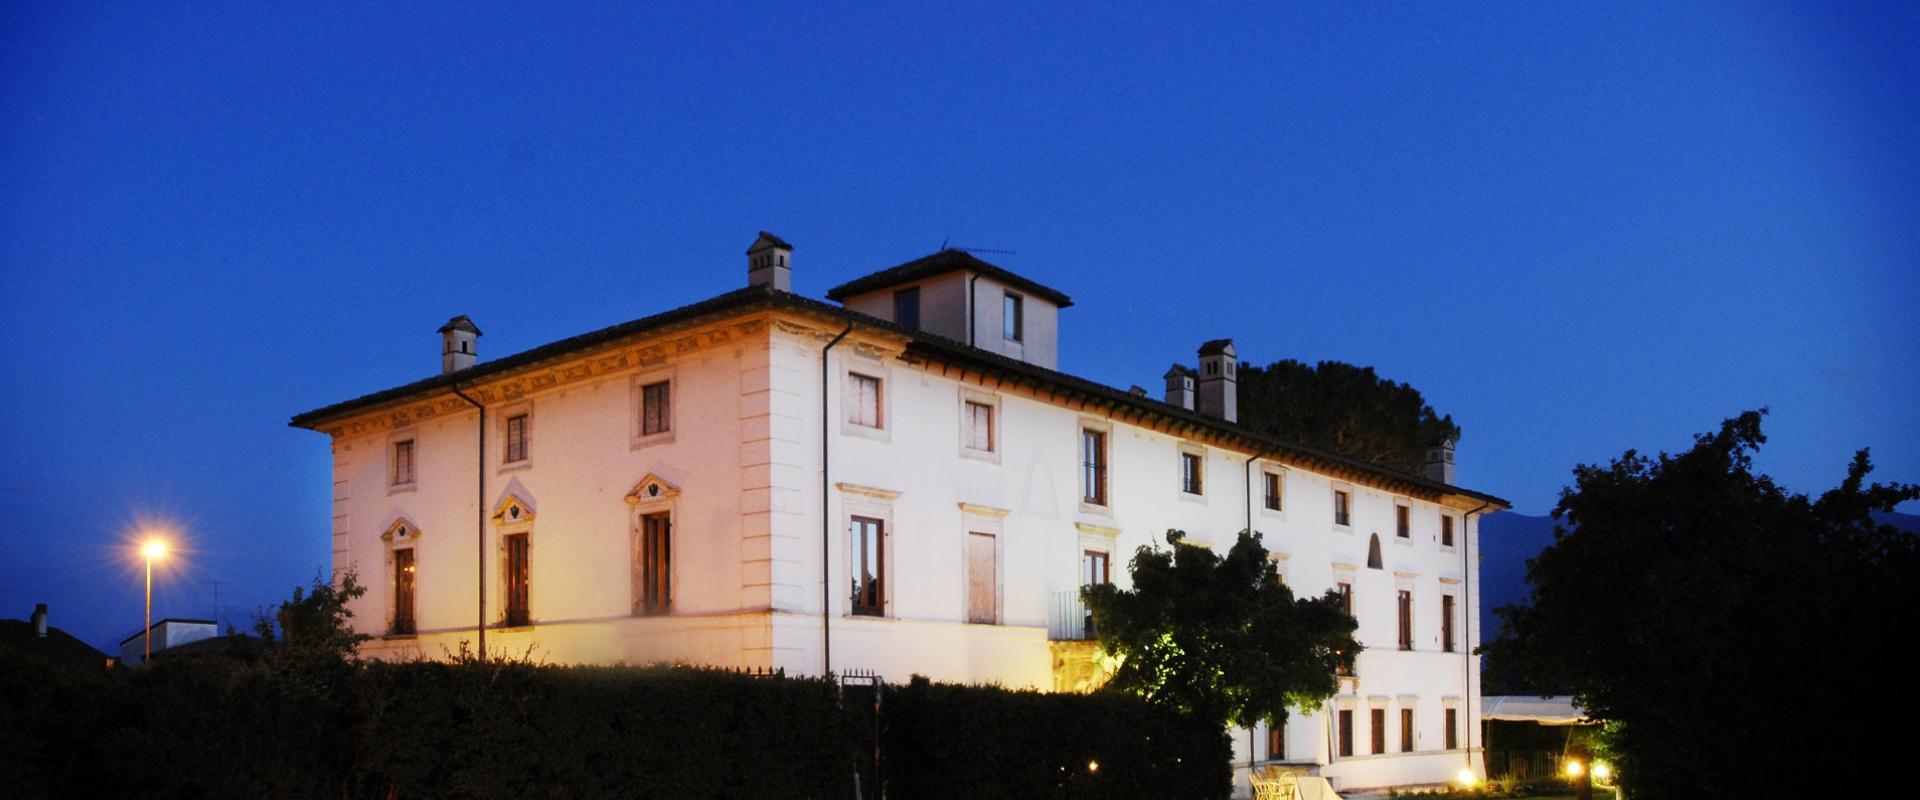 Historical Villa in L' Aquila area